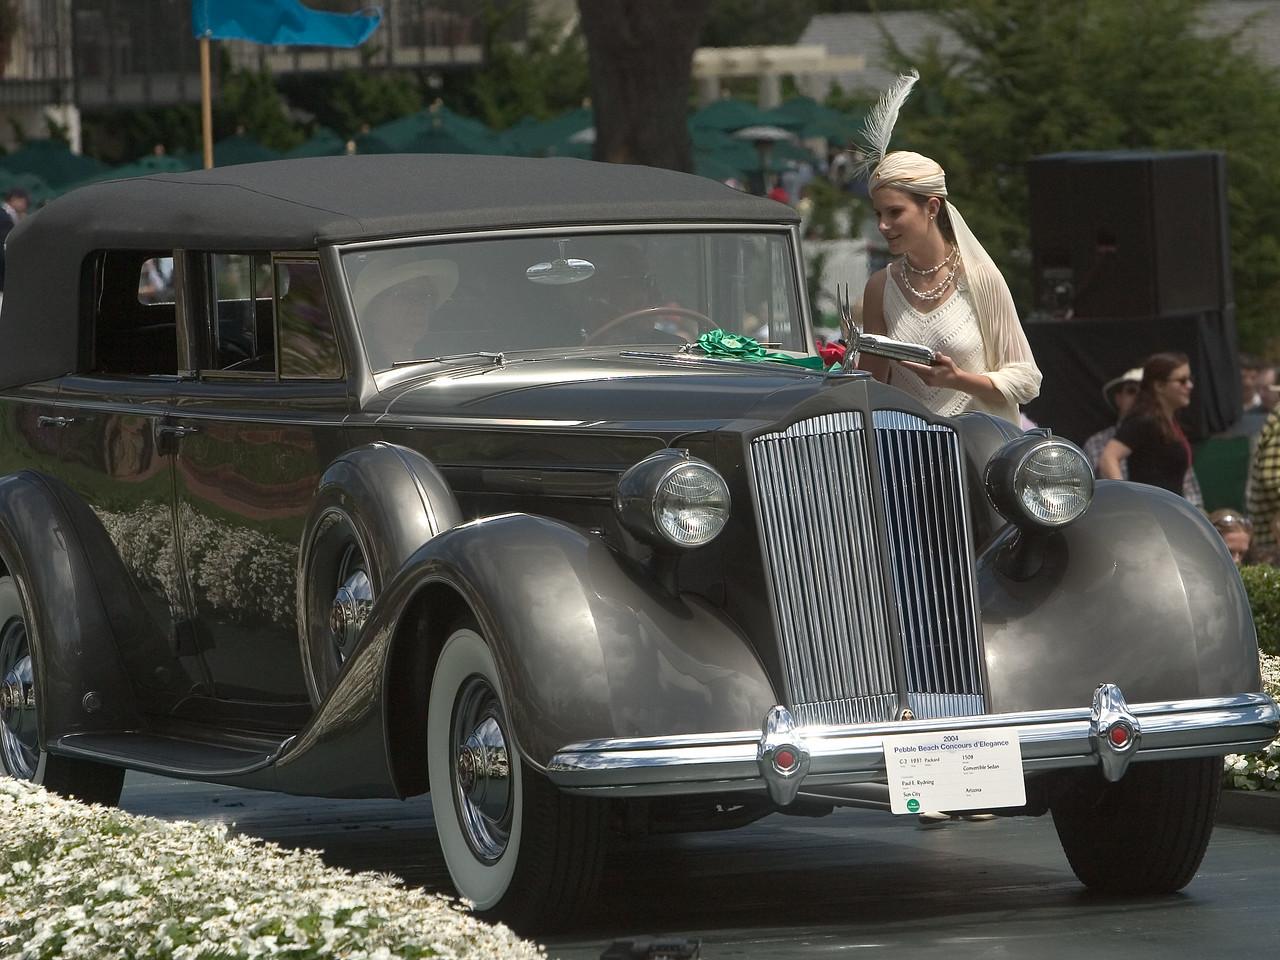 1937 Packard 1508 Convertible Sedan. 2nd Packard 1925-40 Open. Paul Rydning.